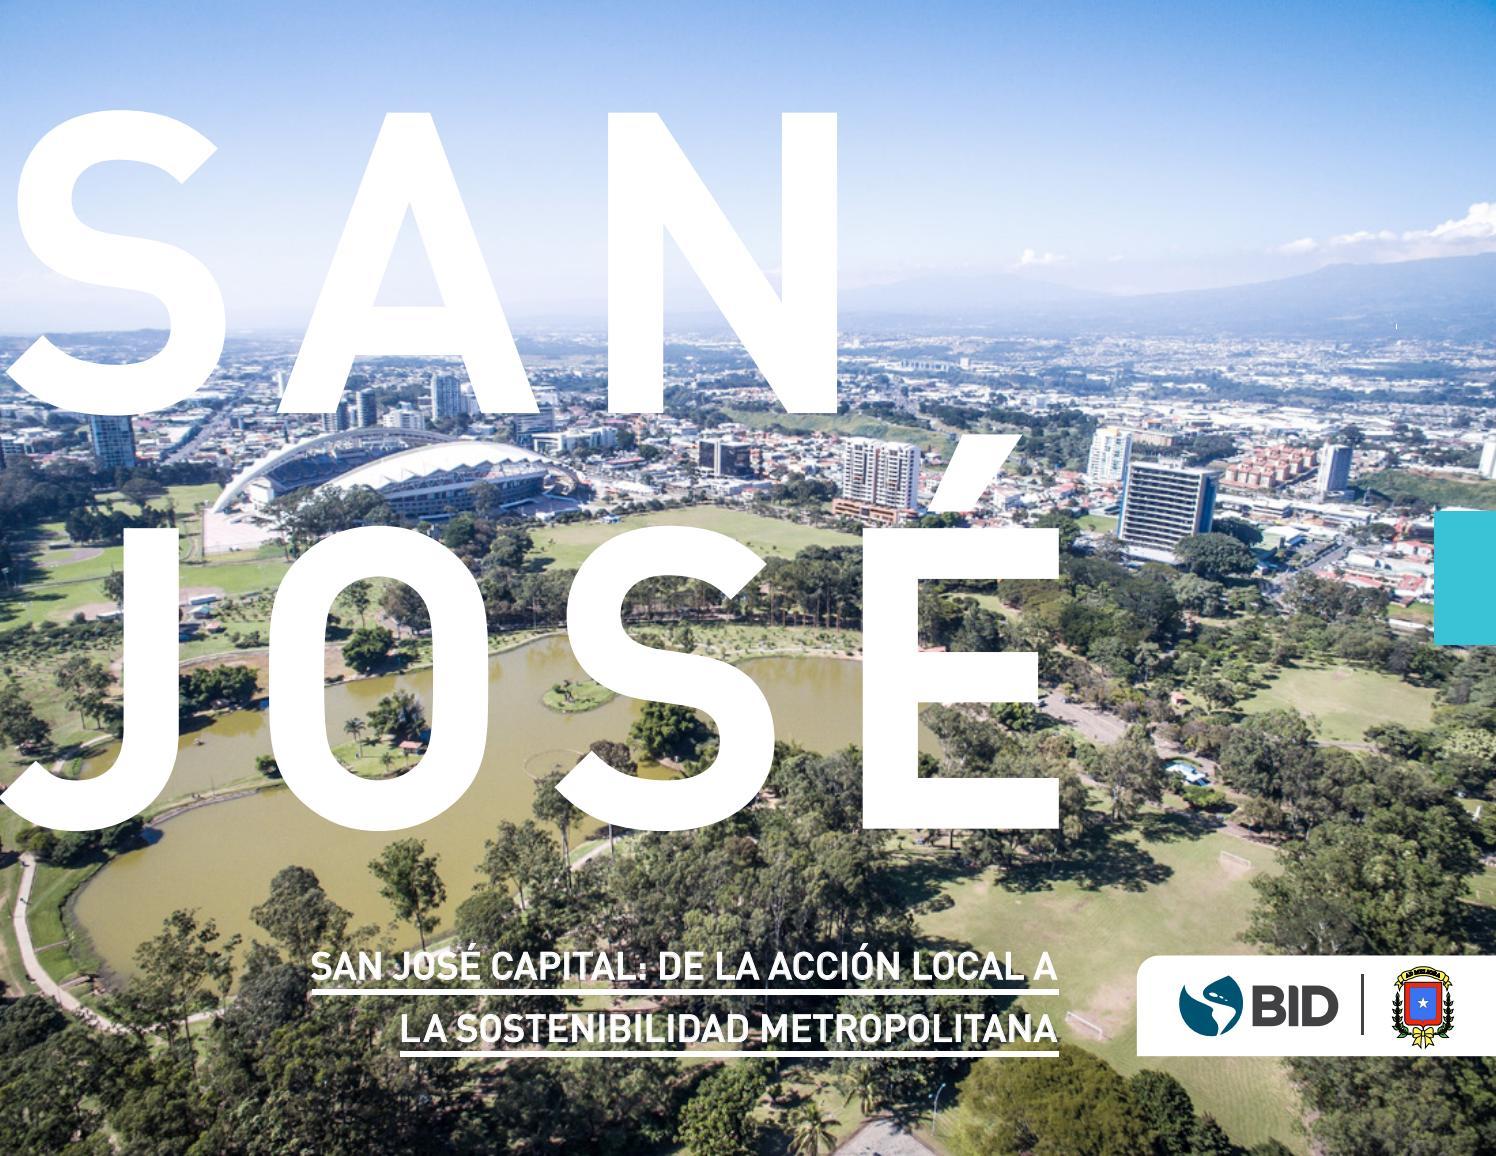 285207799 San José Capital: de la acción local a la sostenibilidad metropolitana by  BID - Ciudades Sostenibles - issuu